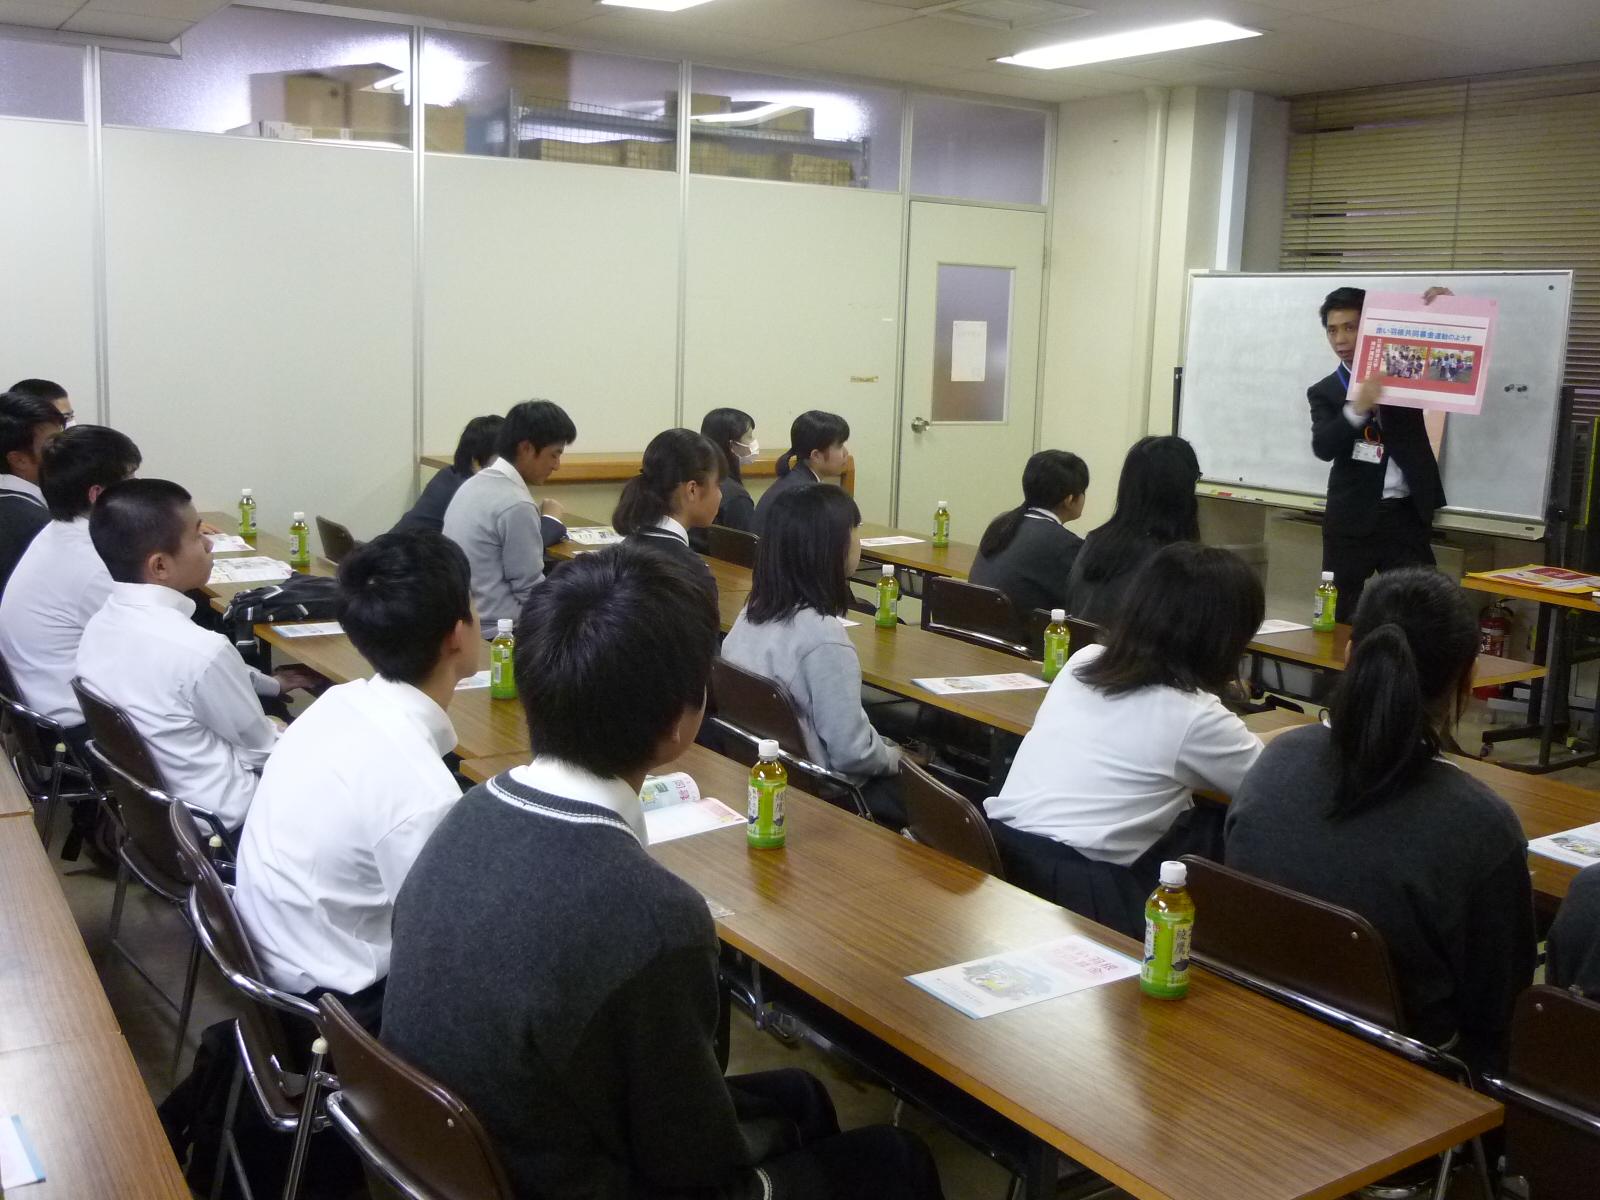 中央 学院 大学 中央 高等 学校 中央学院大学中央高校(東京都)の偏差値